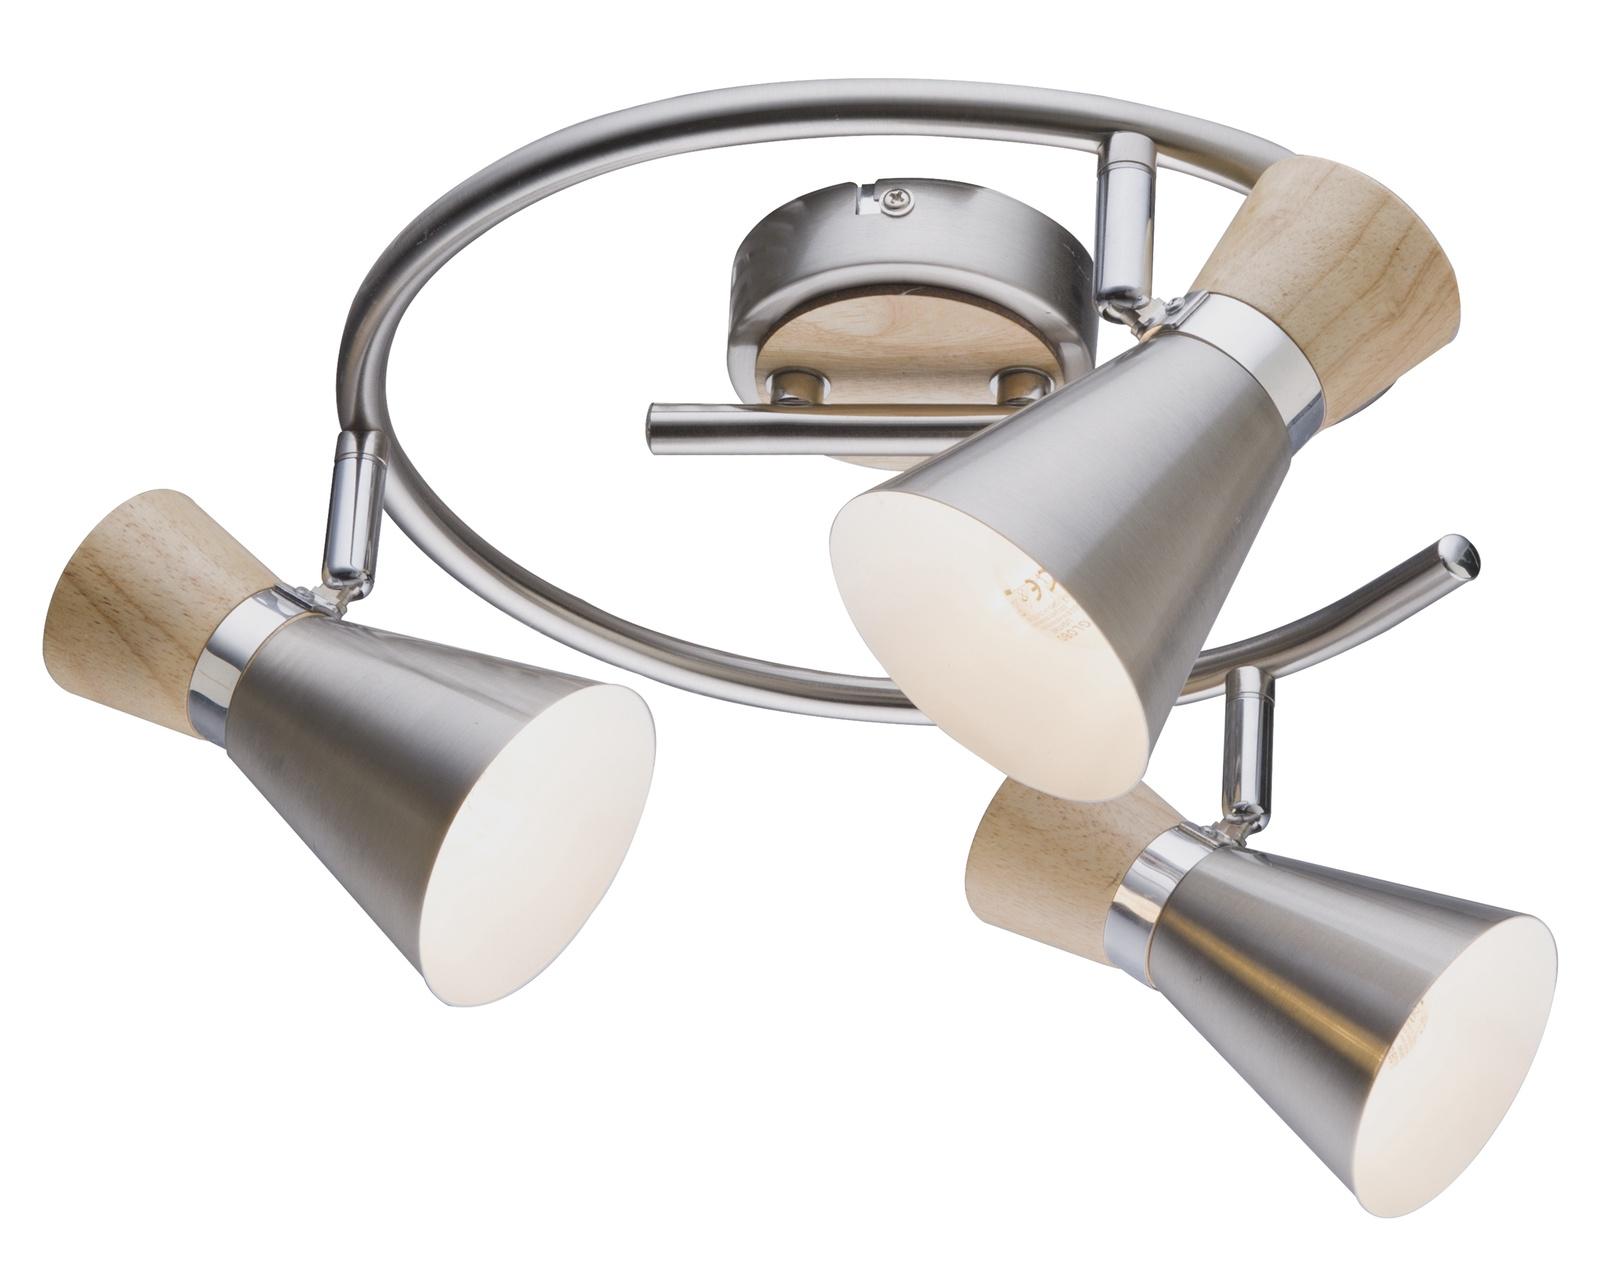 купить Настенно-потолочный светильник Настенно-потолочный светильник Aeron по цене 6670 рублей